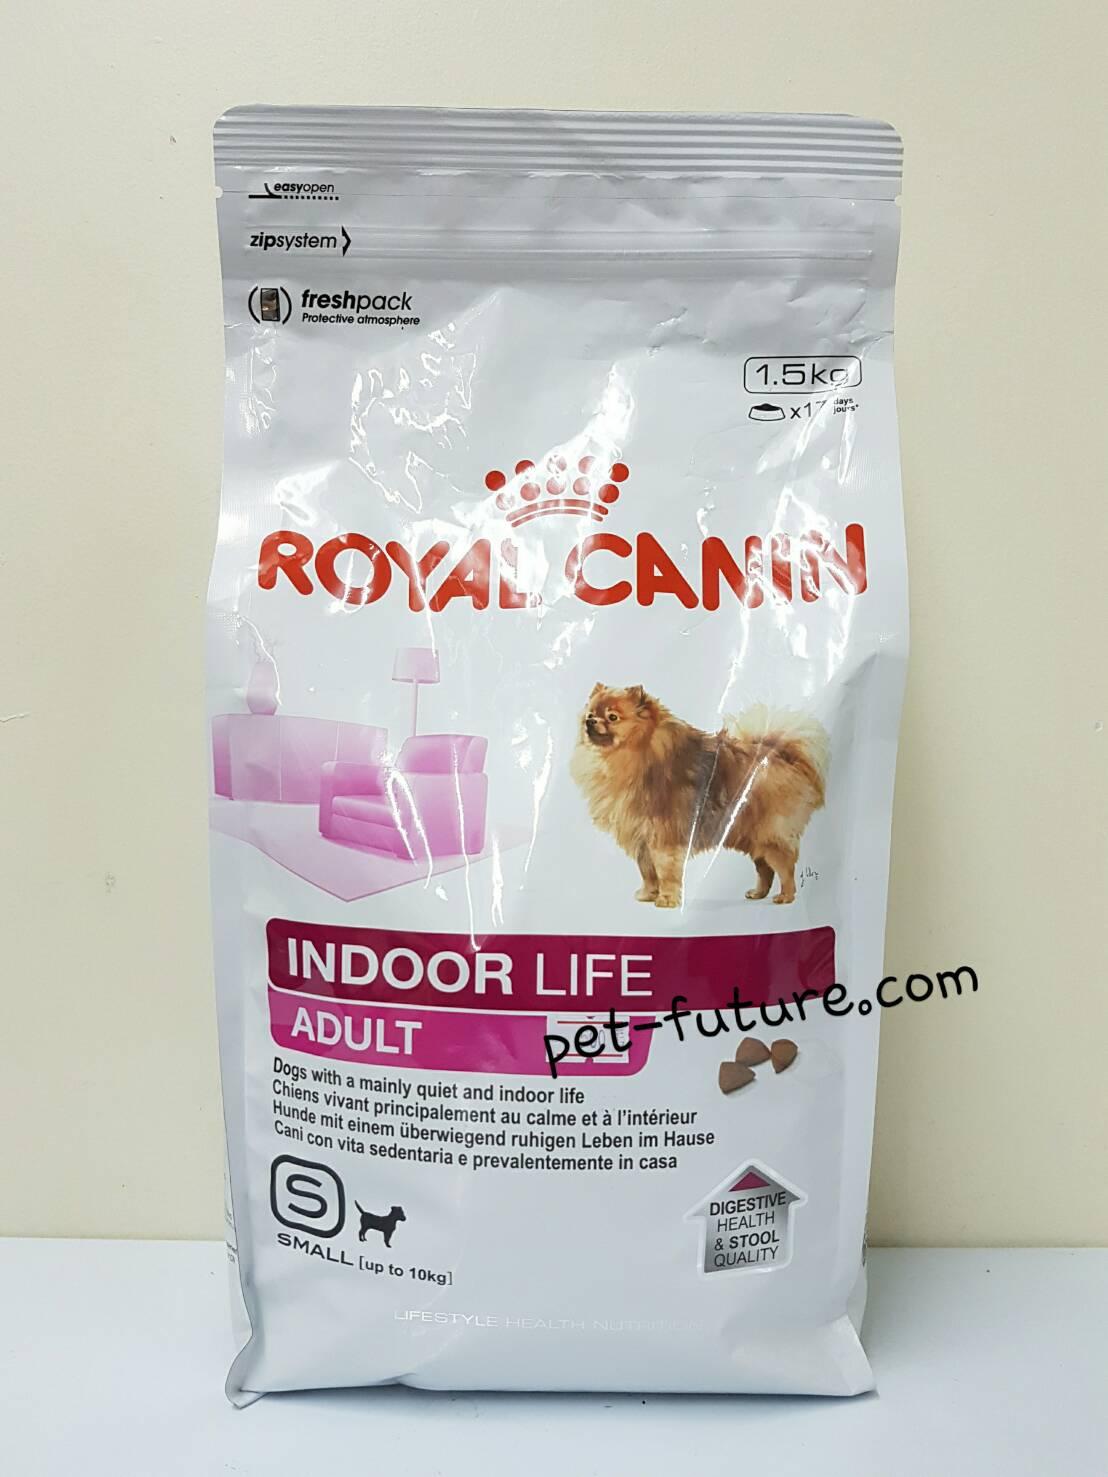 Indoor life Adult สุนัขโตขนาดเล็กอาศัยในบ้าน ขนาด 1.5 kg. Exp.2/18